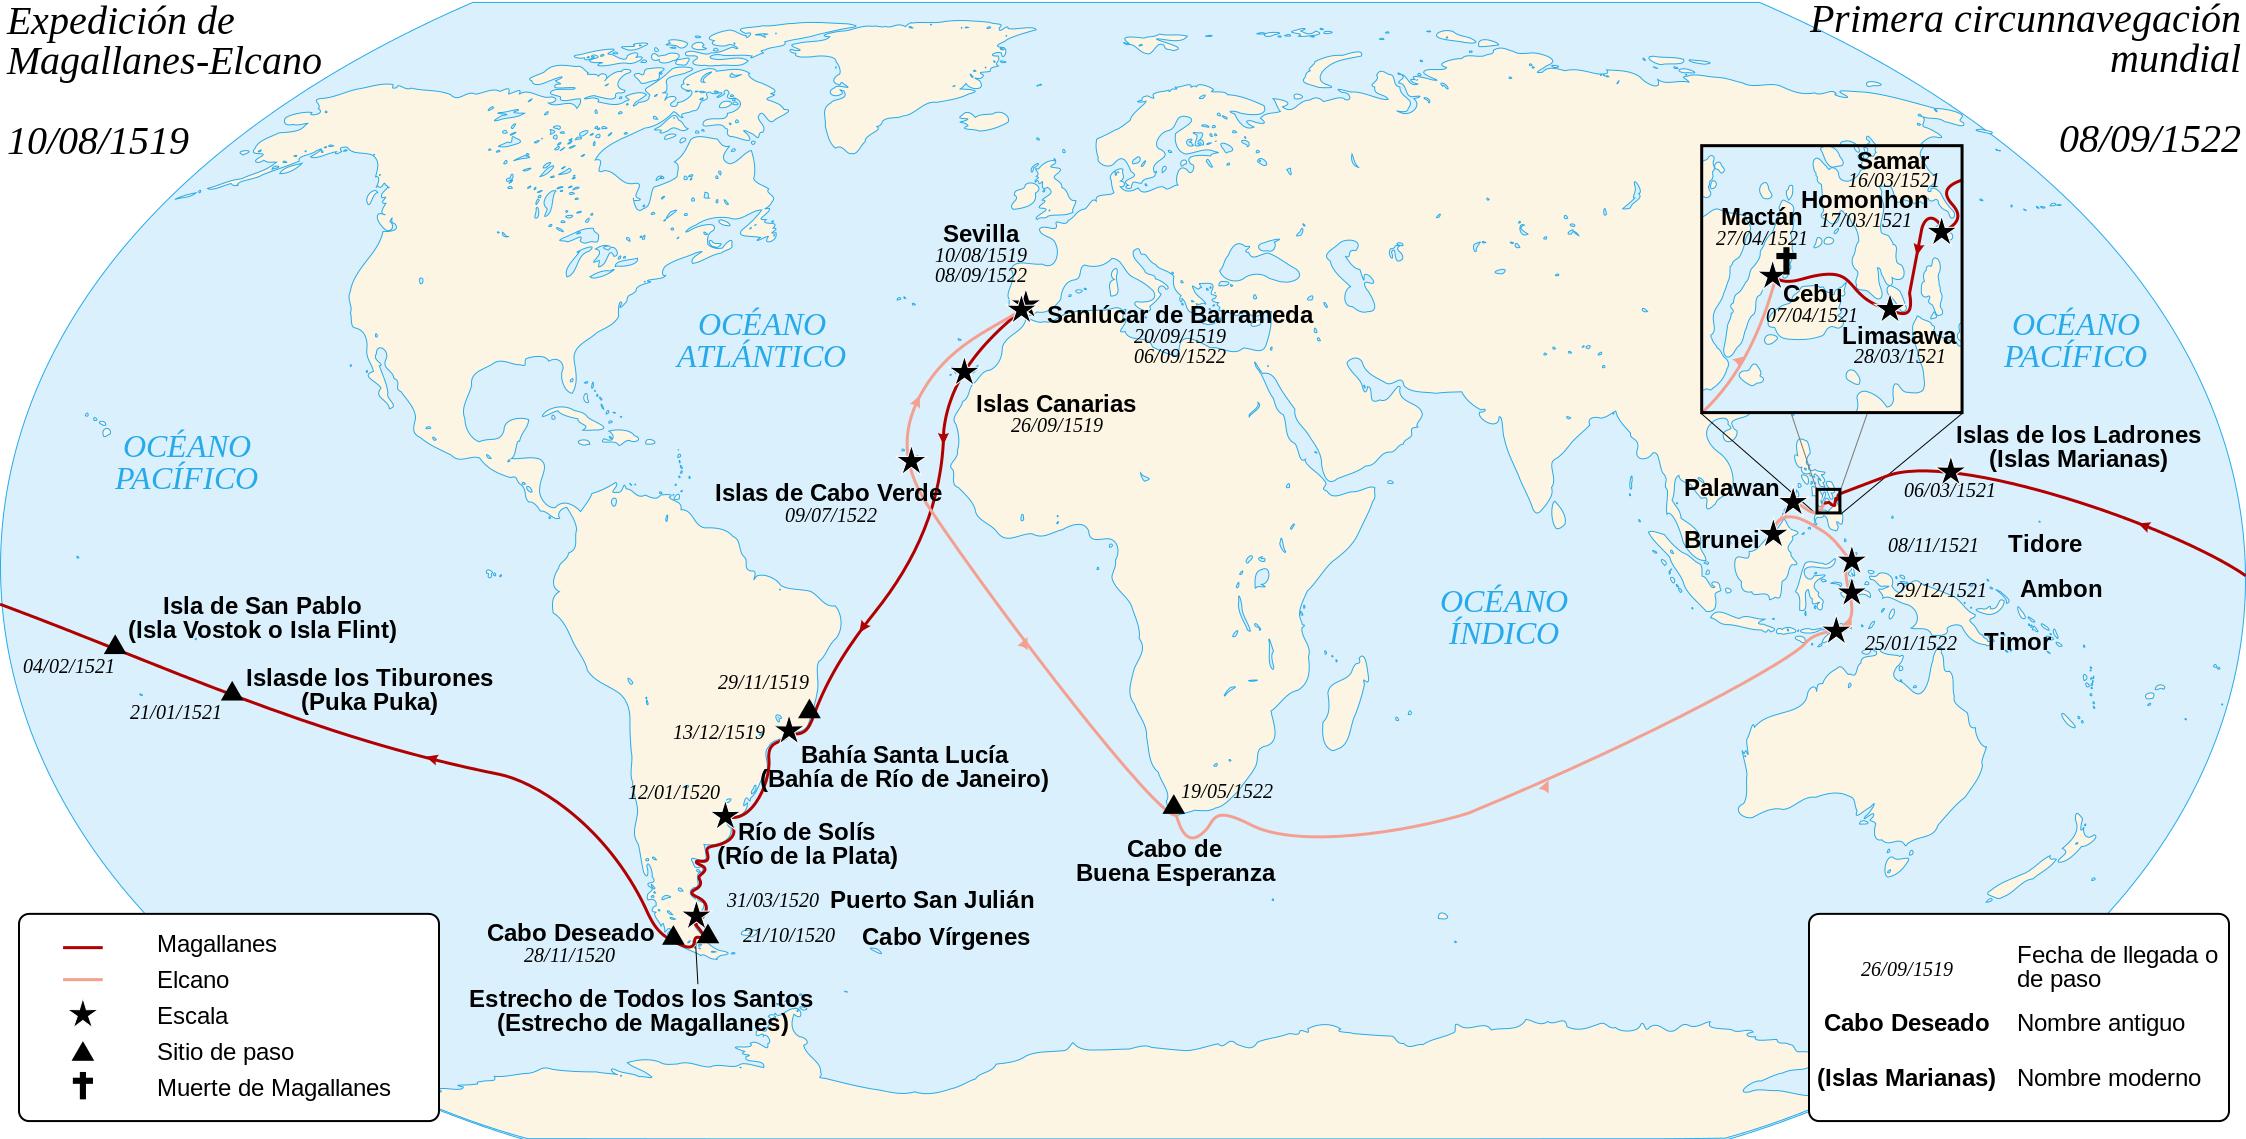 Juan Sebastián Elcano Ferdinand Magellan S Replacement: Español: Mapa De La Primera Circunnavegación Del Mundo